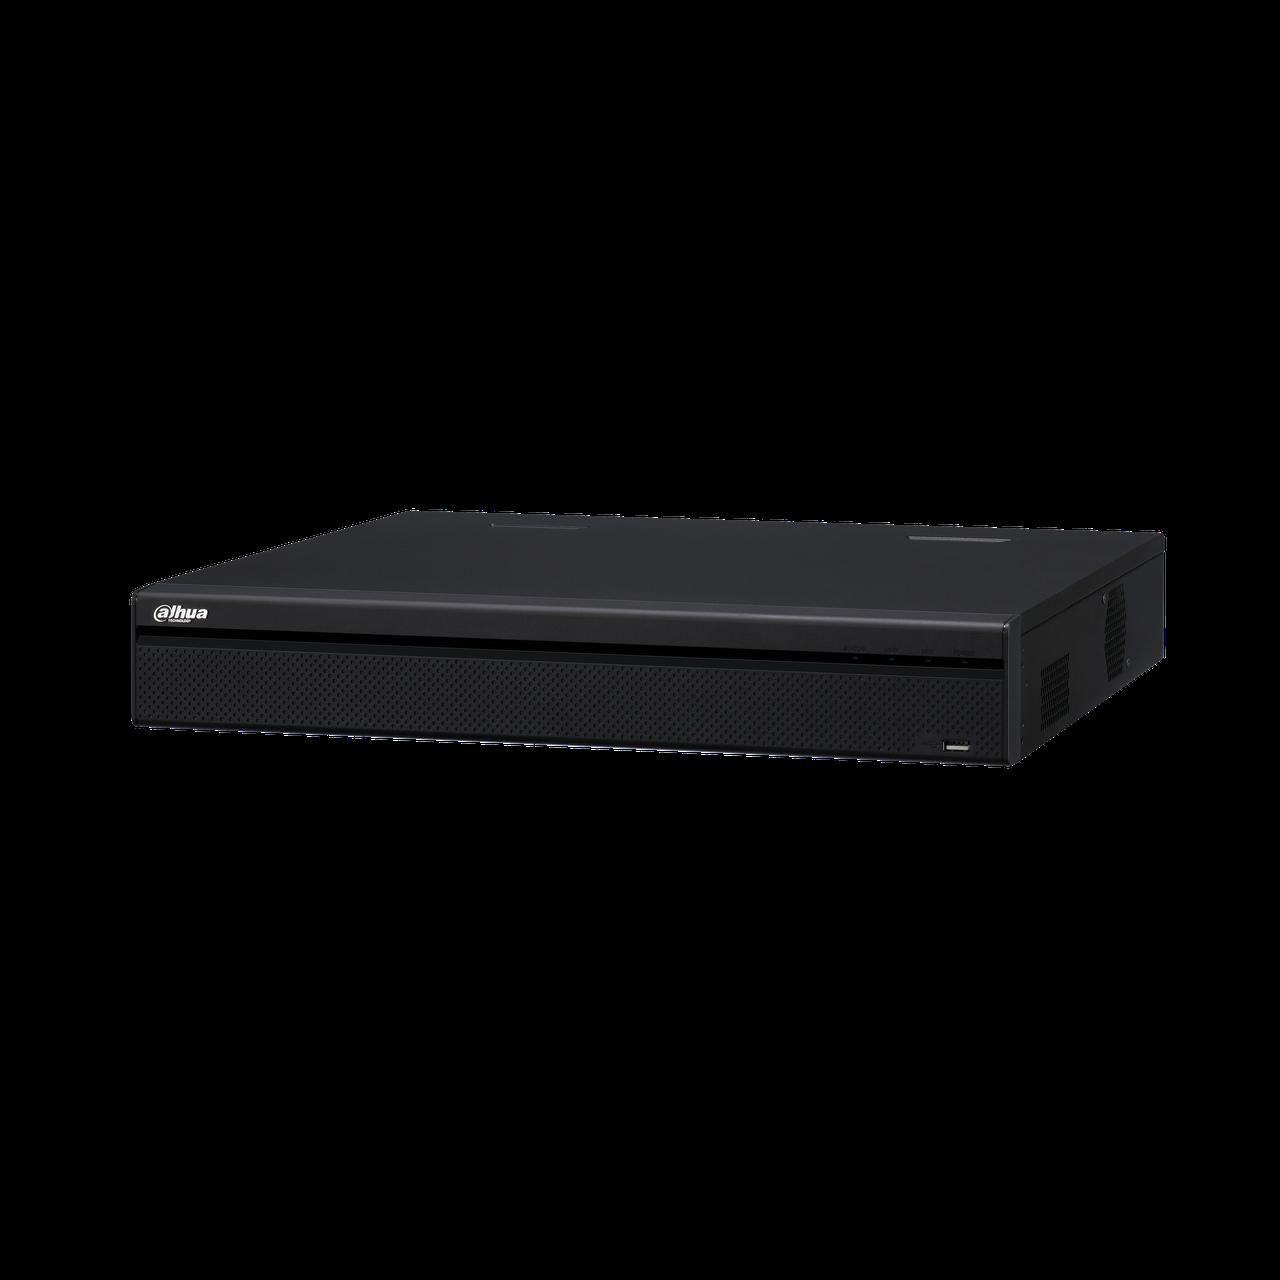 Видеорегистратор NVR5432-4KS2 Dahua Technology